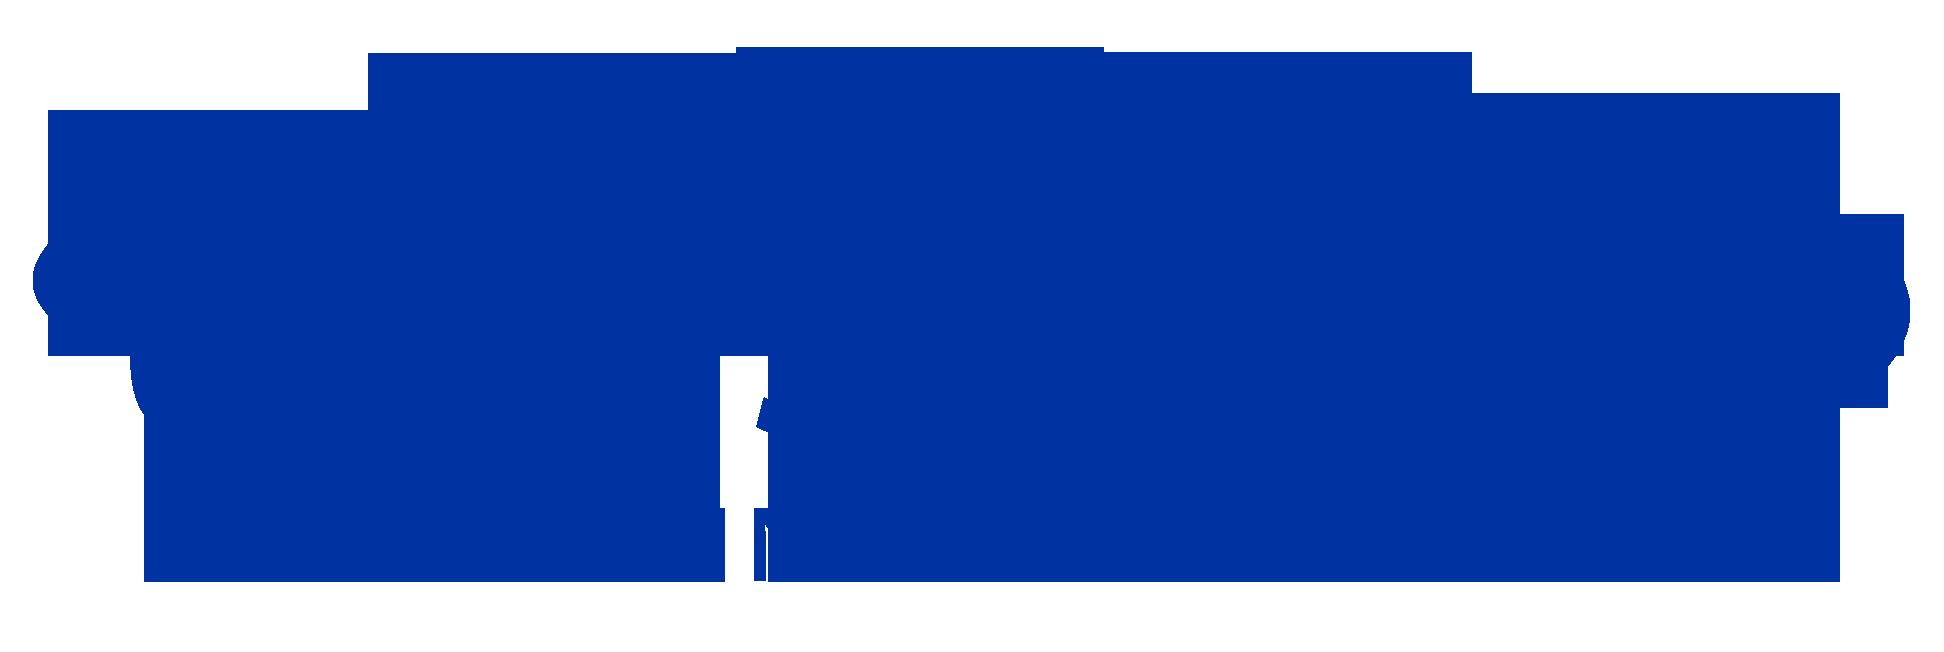 UUPA-logo-R0G51B161 (002)